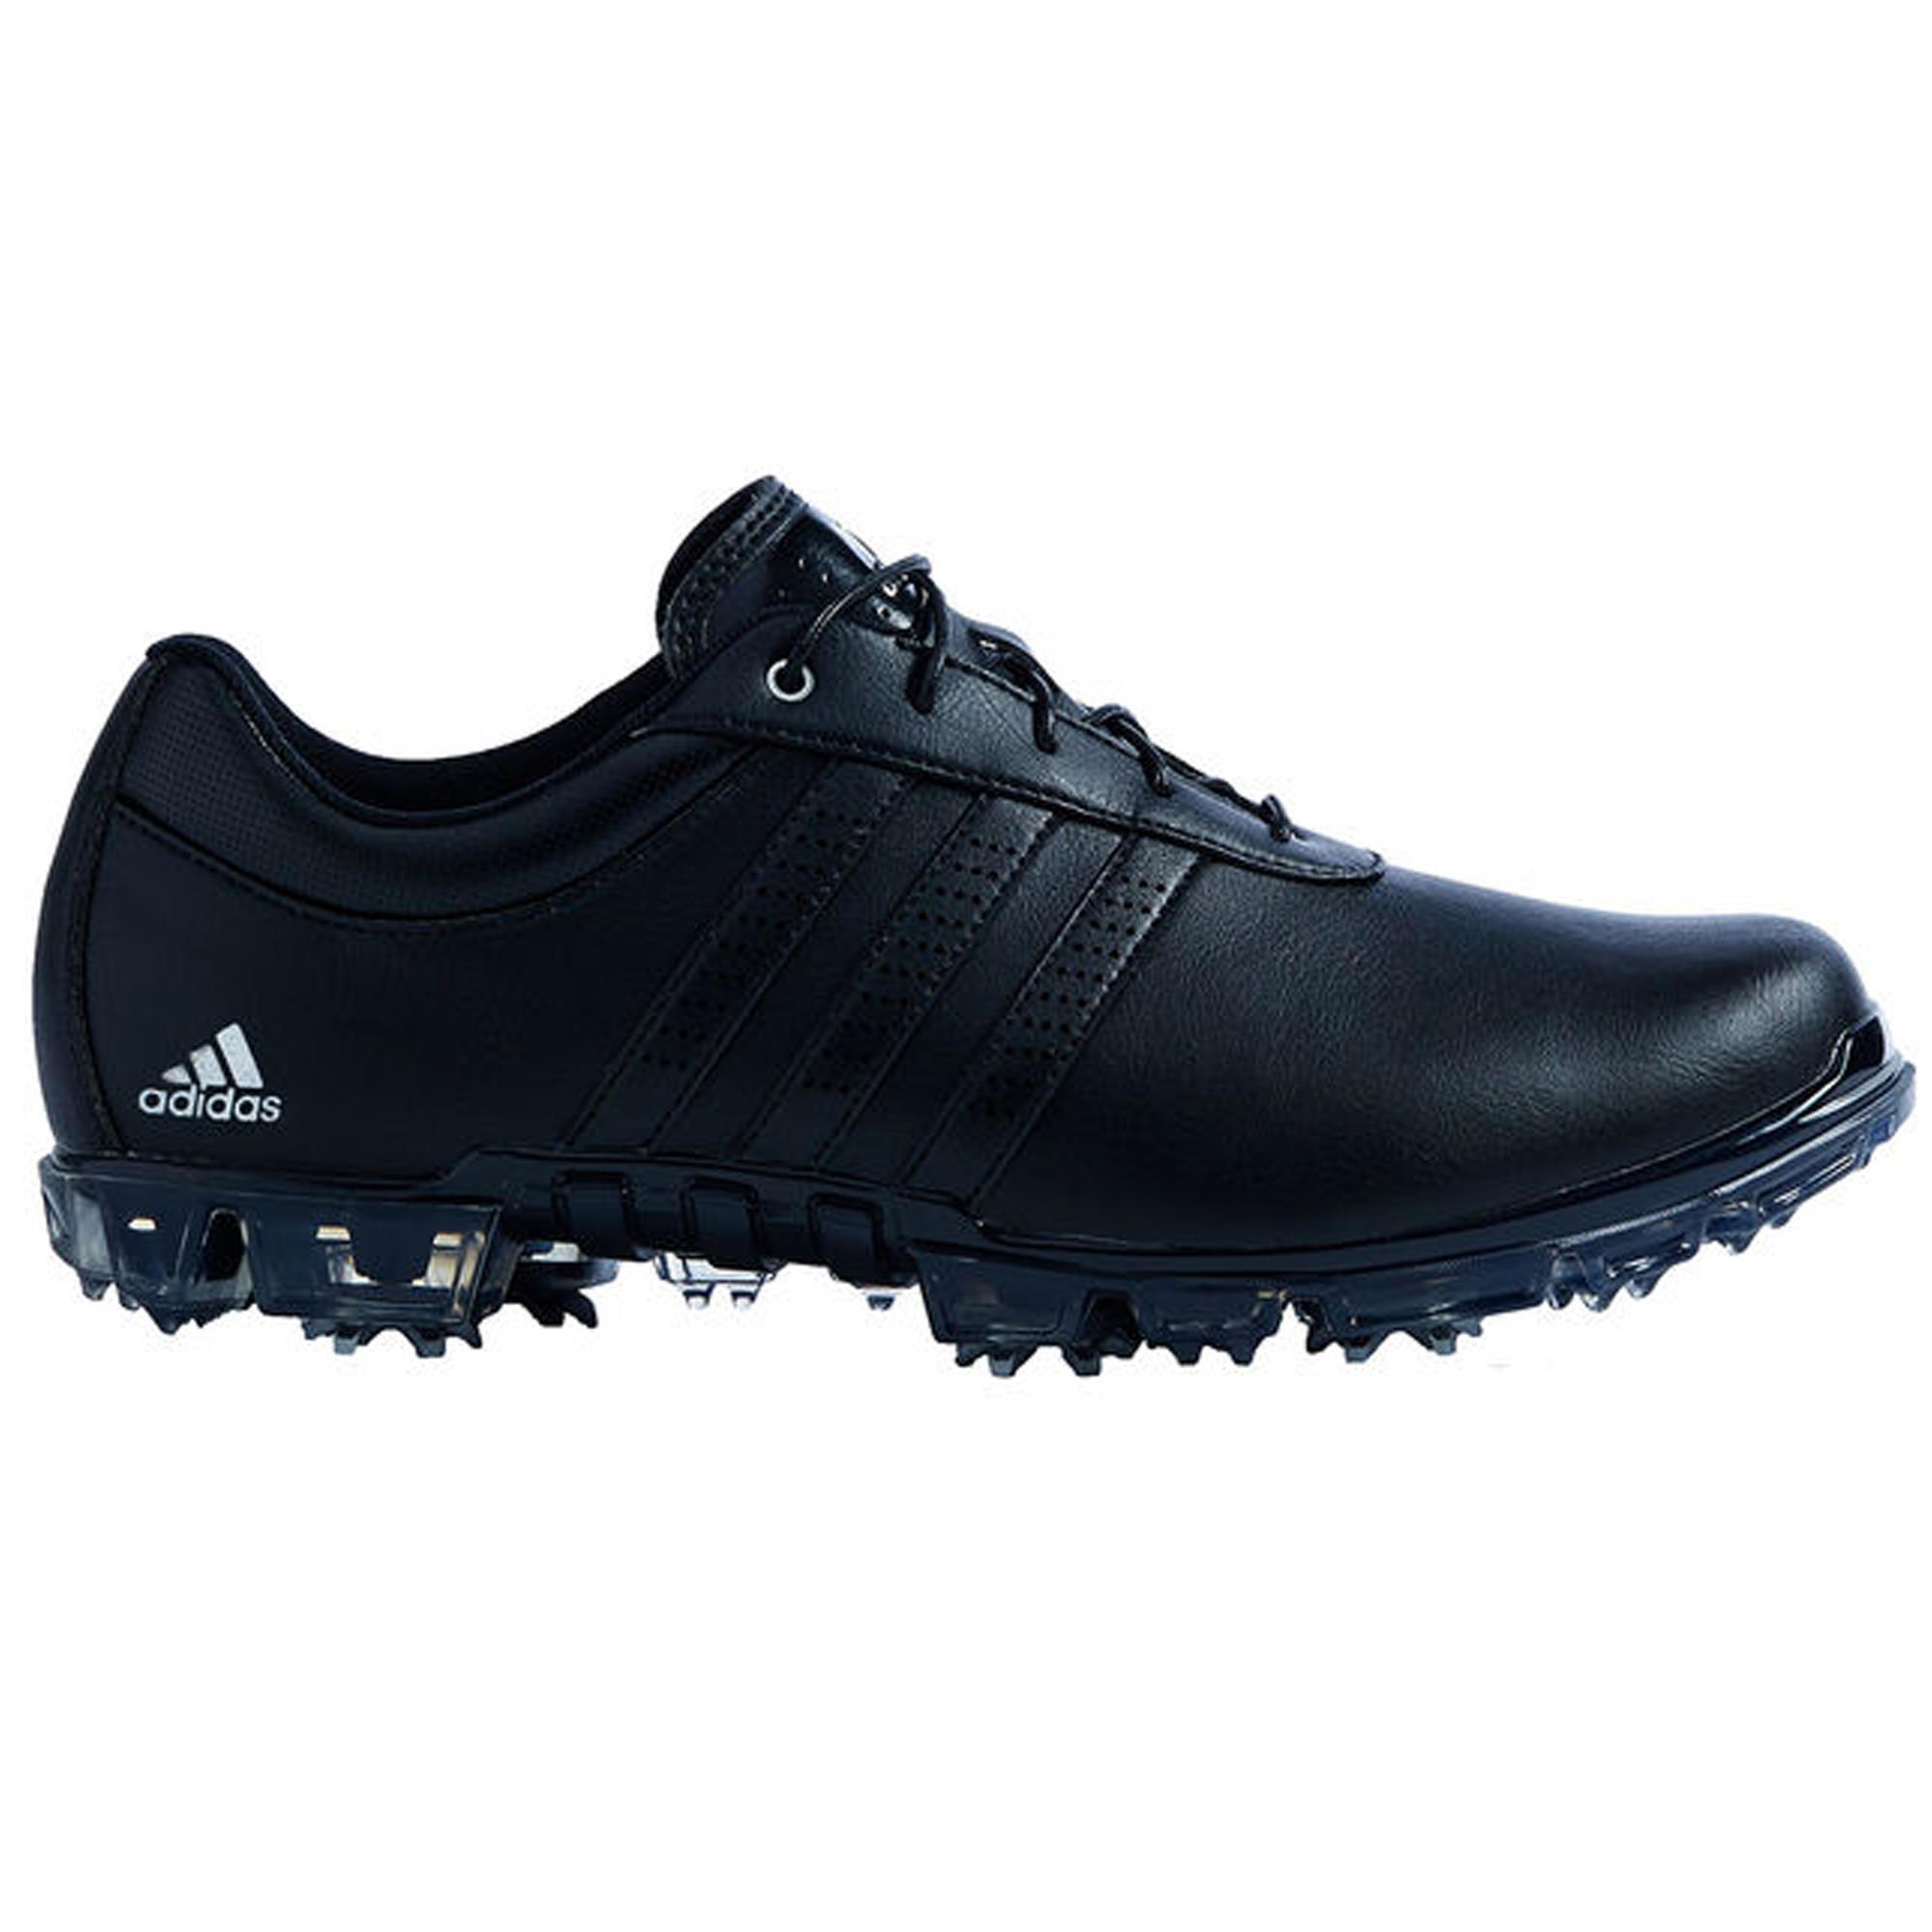 Adidas Golfschoenen Adipure Flex voor heren zwart